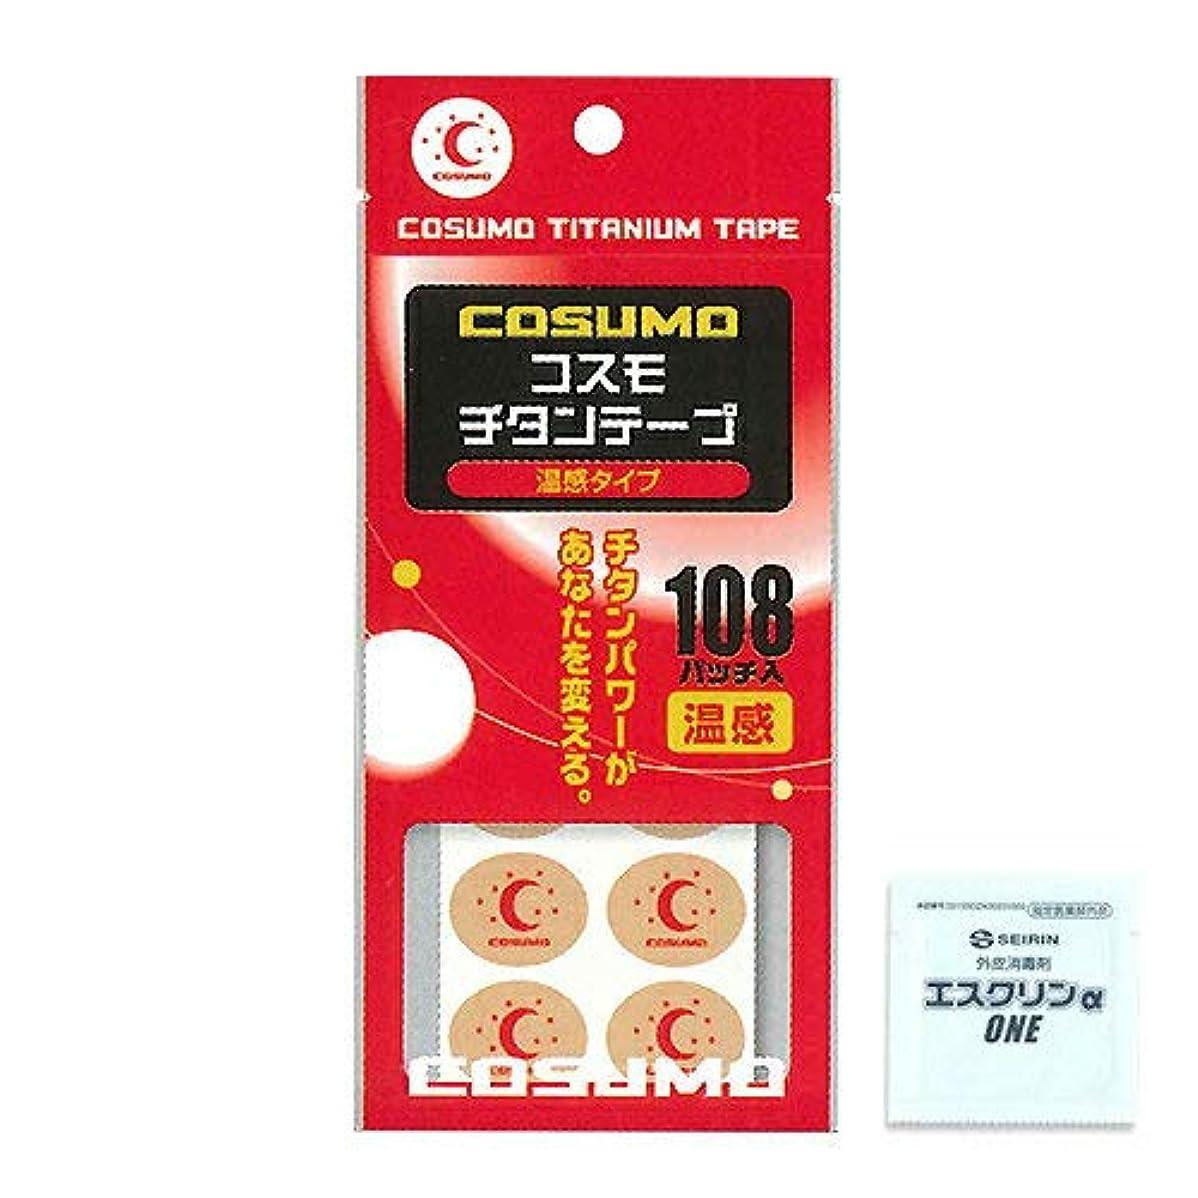 日進医療器:コスモチタンテープ温感タイプ 108パッチ入×2個セット + エスクリンONE1包セット